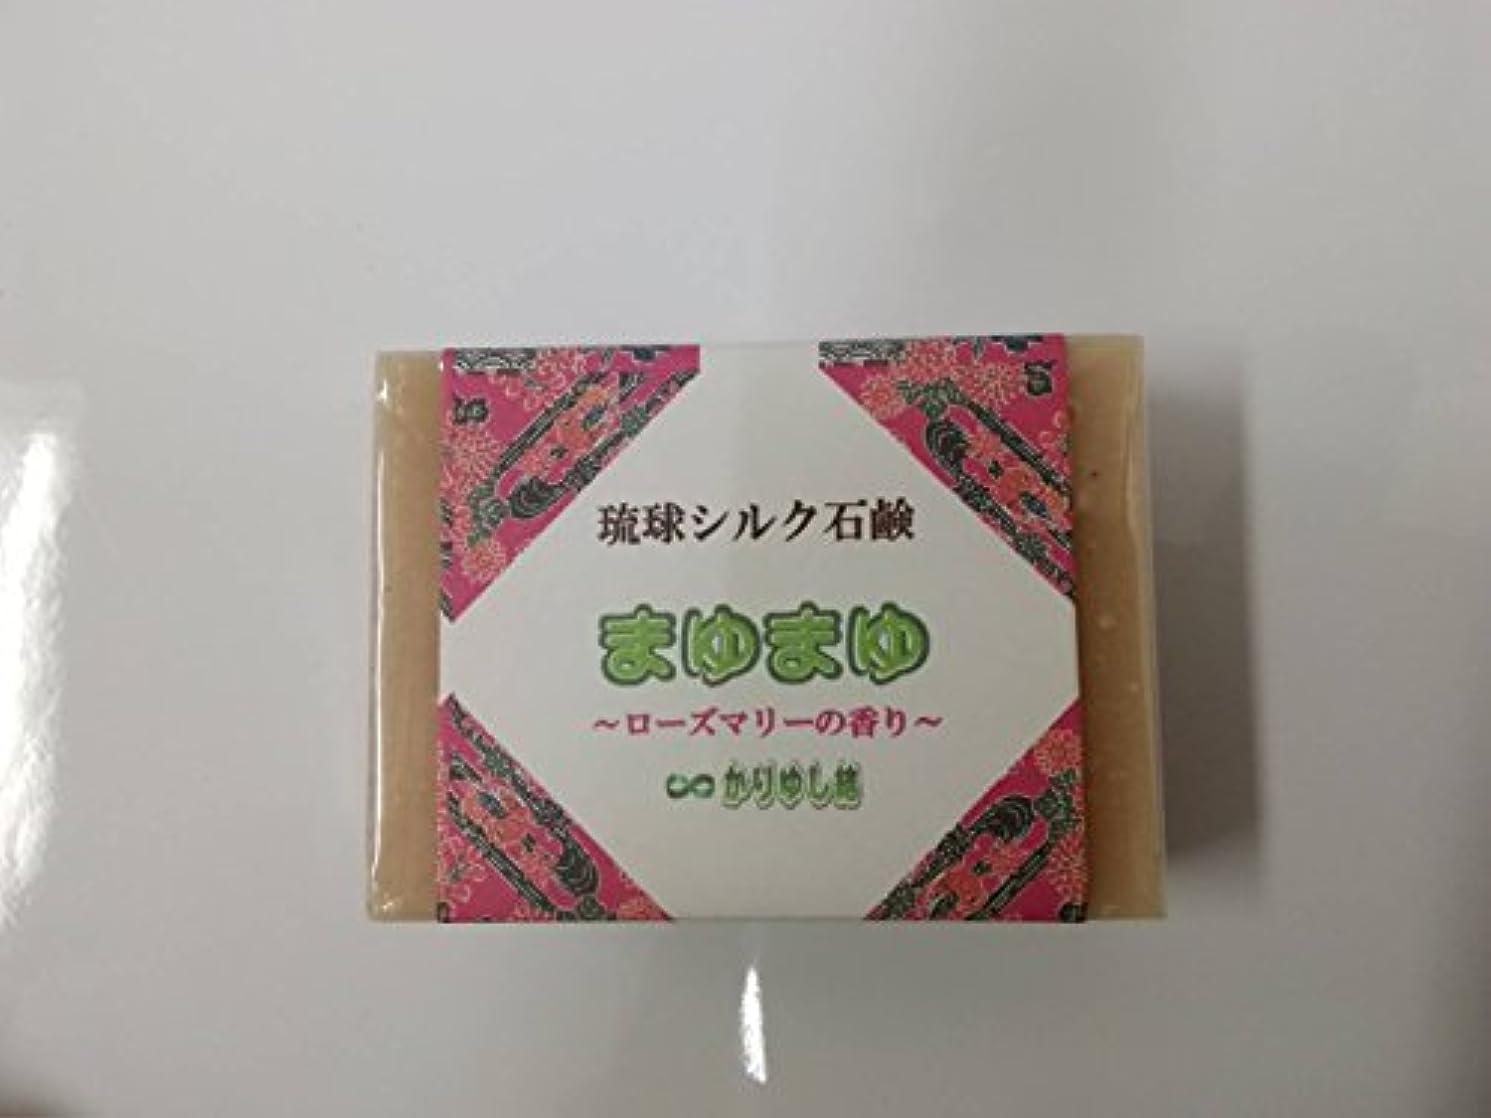 オアシス参照情緒的琉球シルク石鹸 まゆまゆ ピンクカオリン ローズマリーの香り